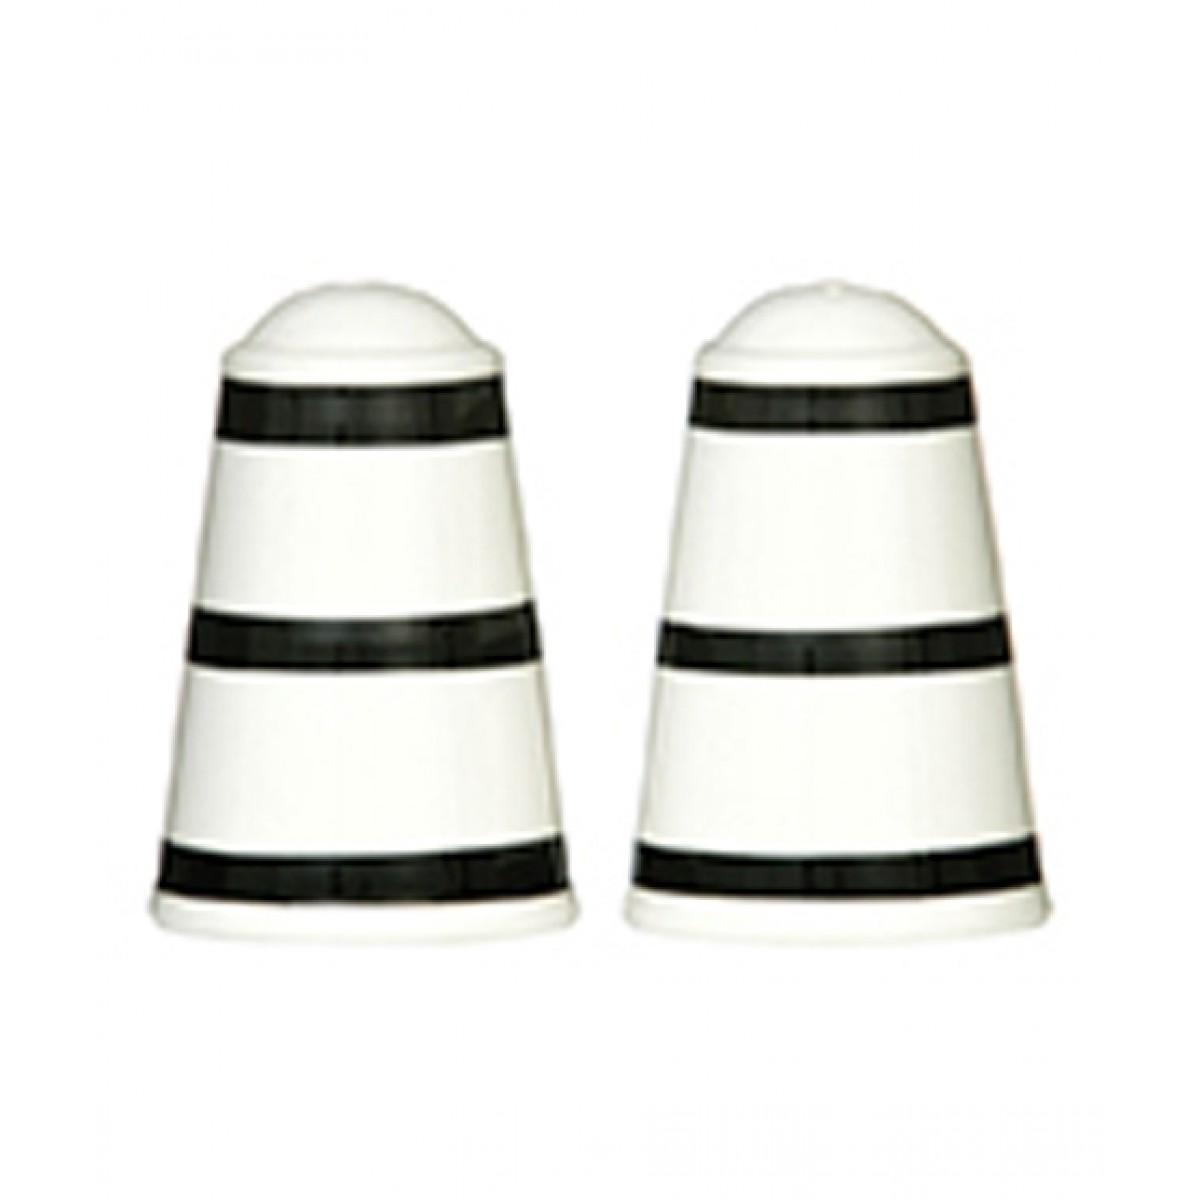 Premier Home Ceramic Salt And Pepper Shaker Pack Of 2 (0722219)